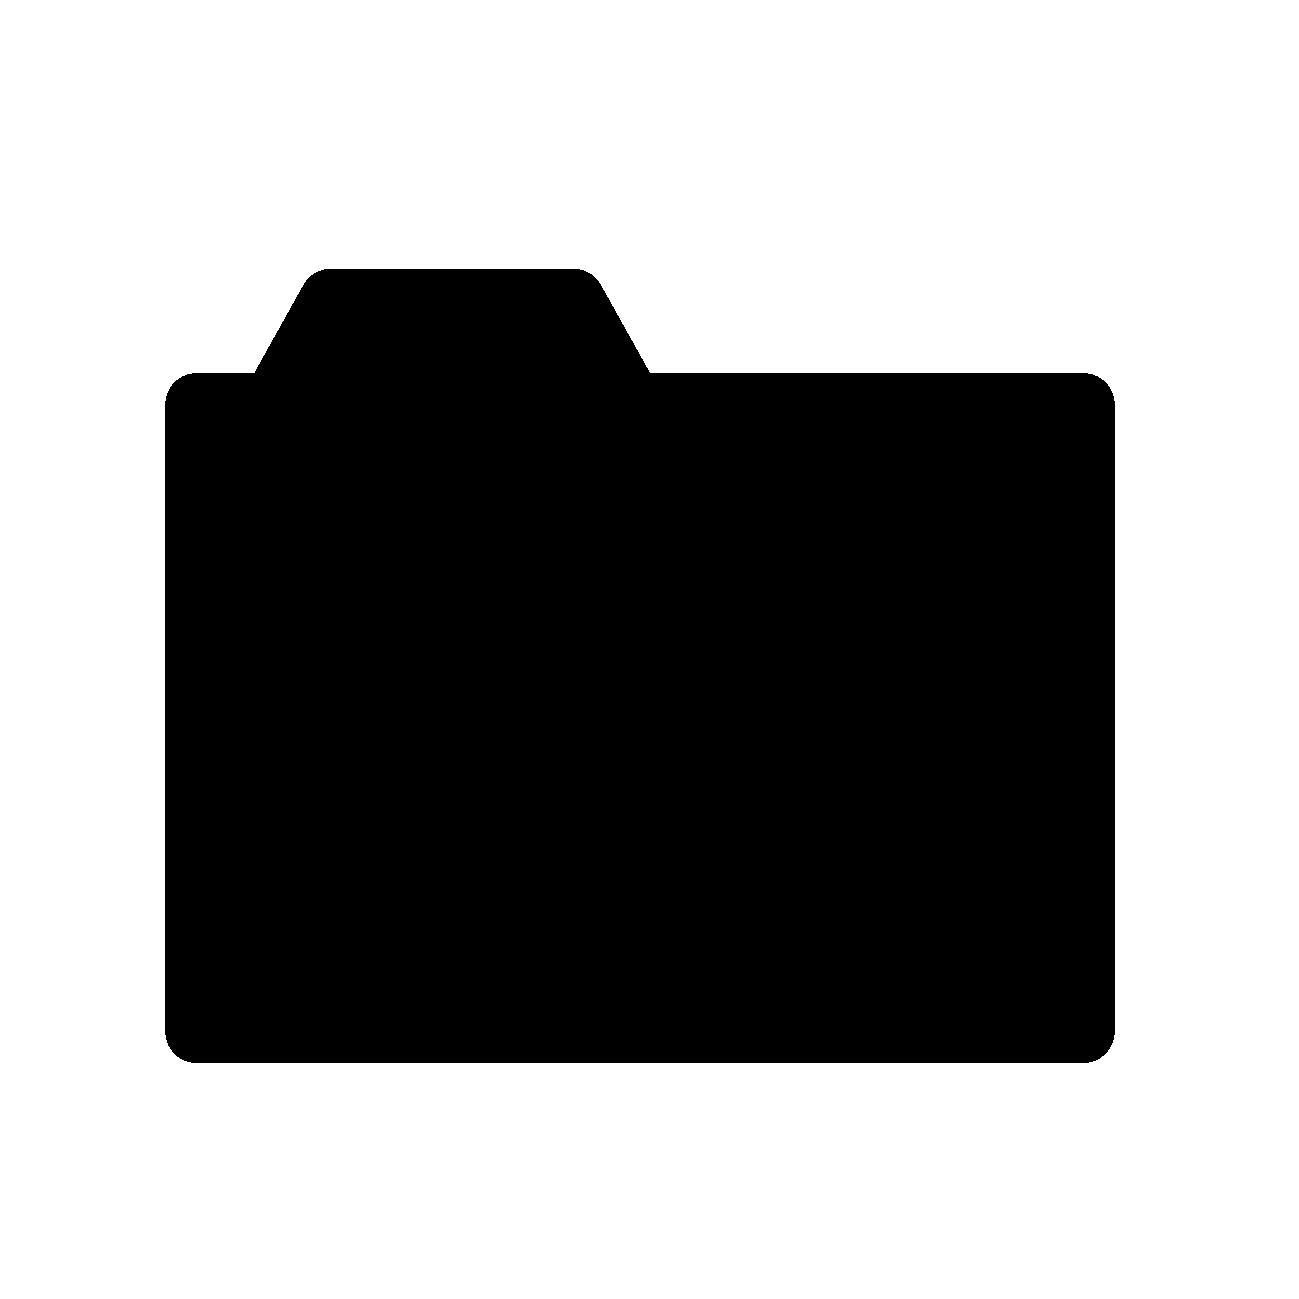 グーグル、AirDropのようなファイル共有もできる「Files Go」を準備中